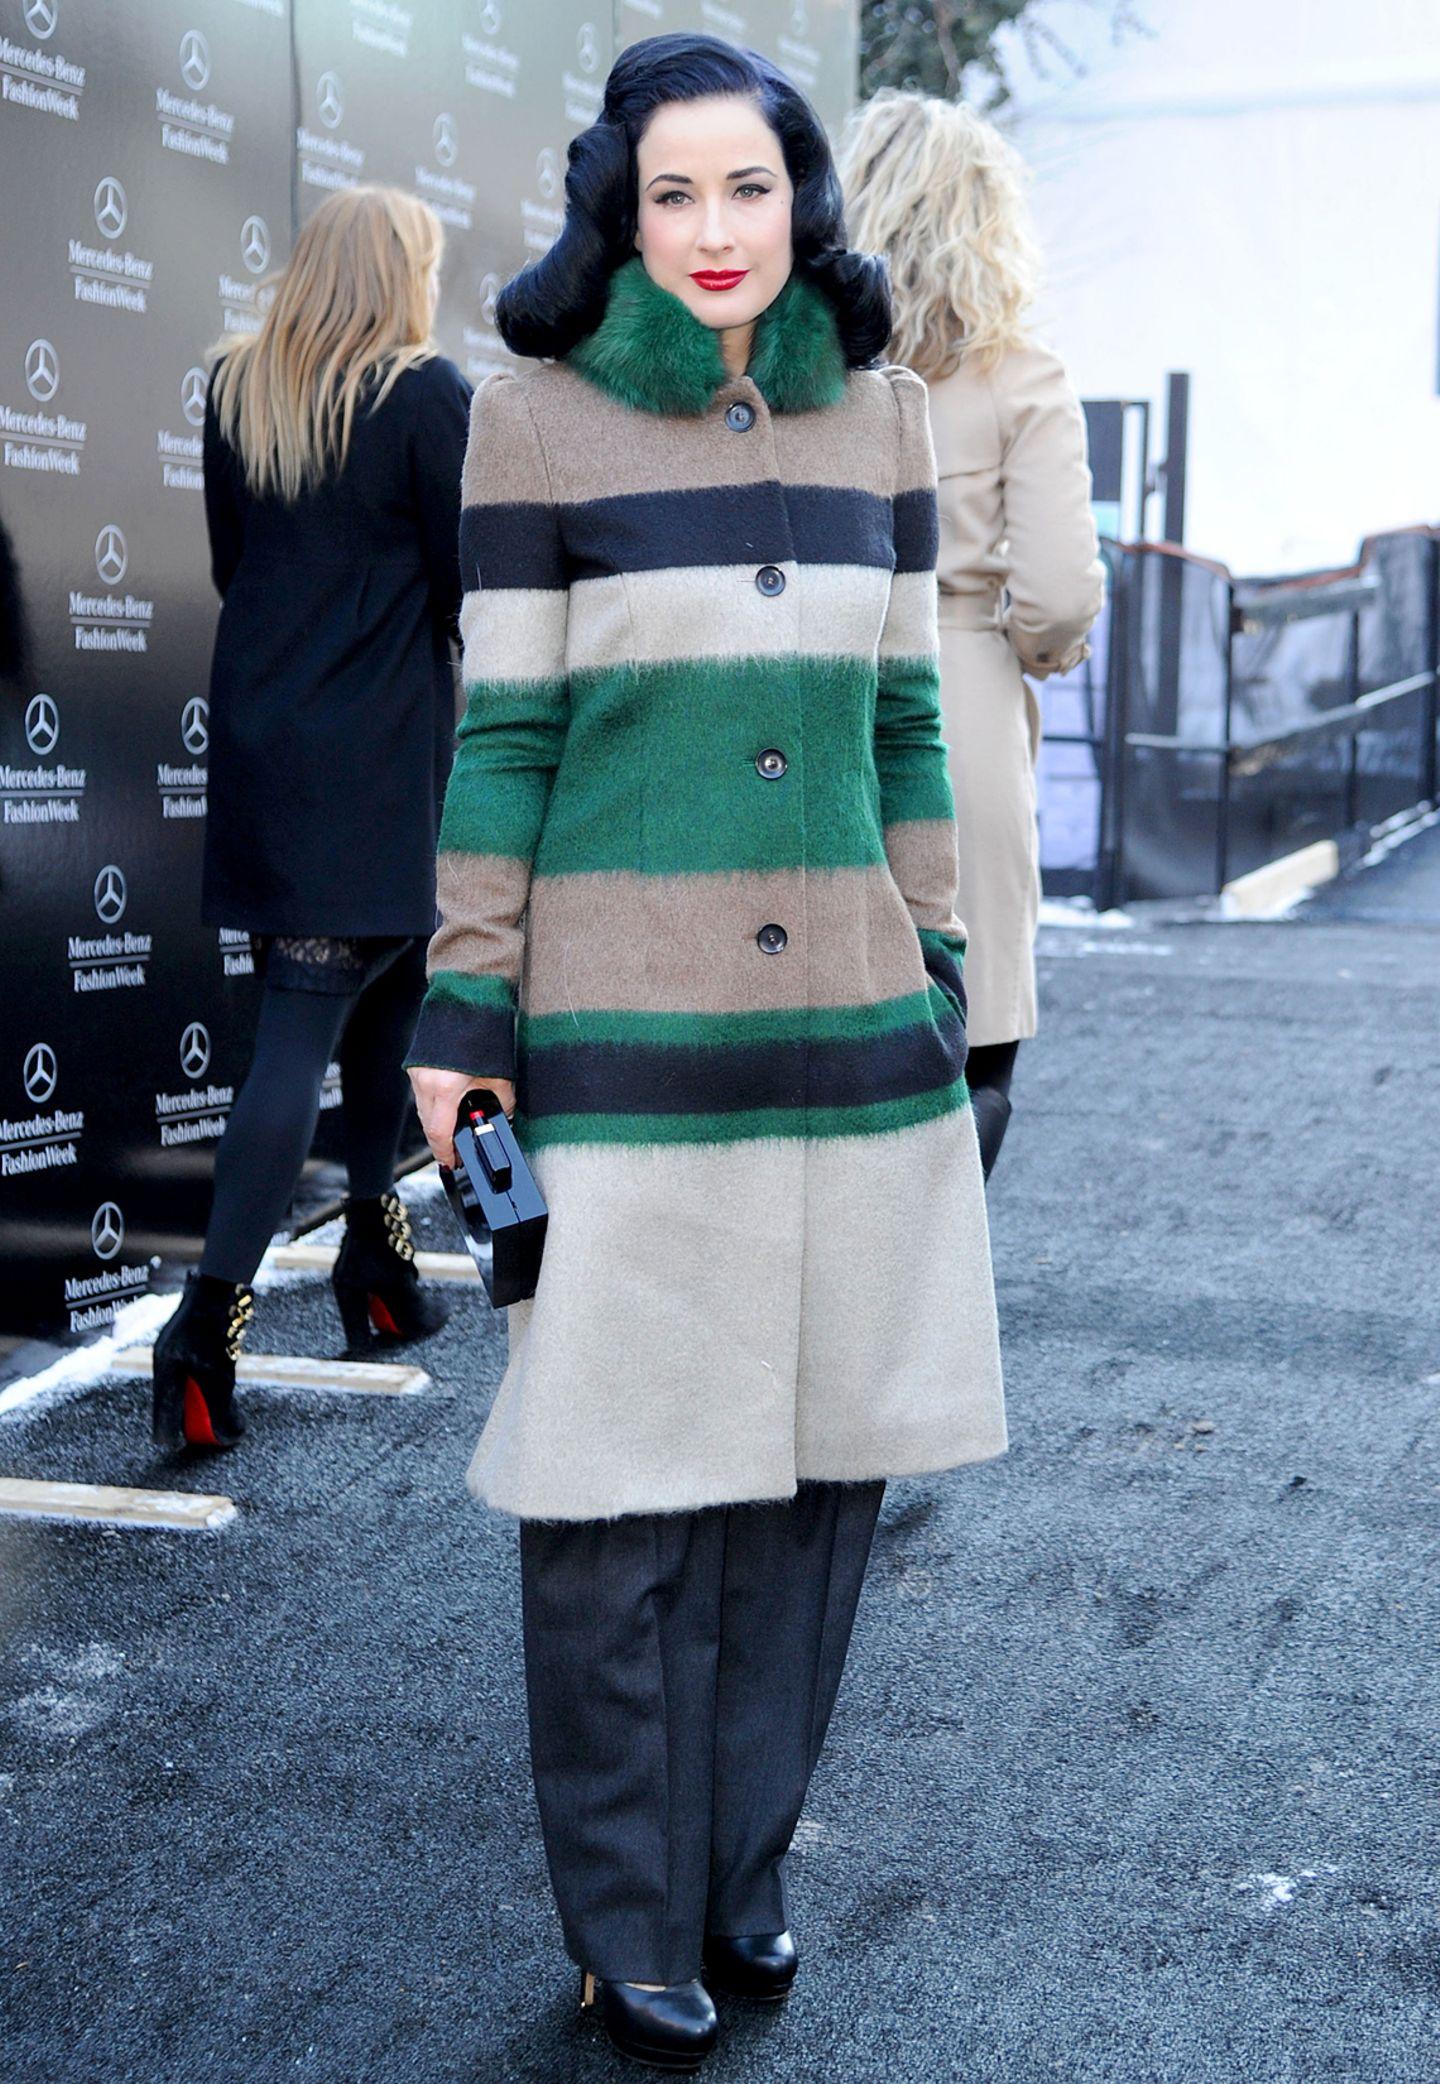 Dita von Teese kommt im grün-gestreiften Wollmantel mit Fellkragen zur Show von Carolina Herrera in New York.